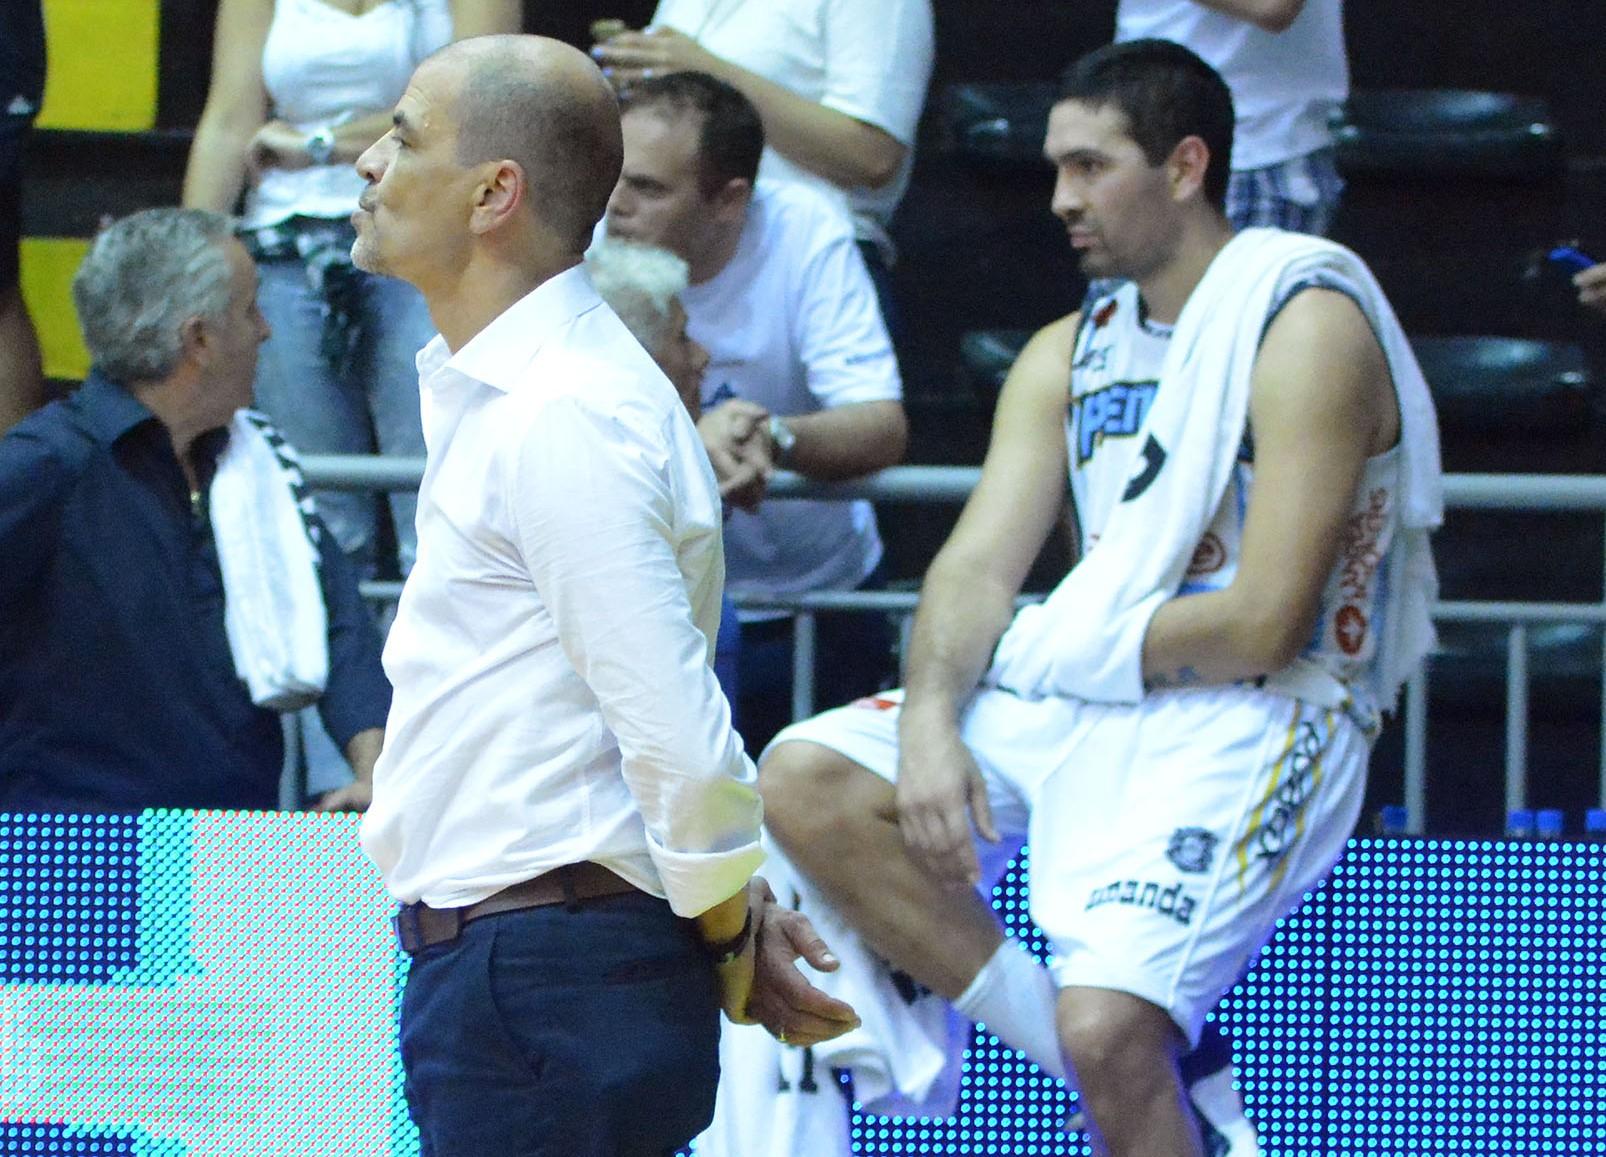 Sergio Hernández y Leonardo Gutierrez tendrán que declarar el lunes. (Foto: Ligateunafoto)